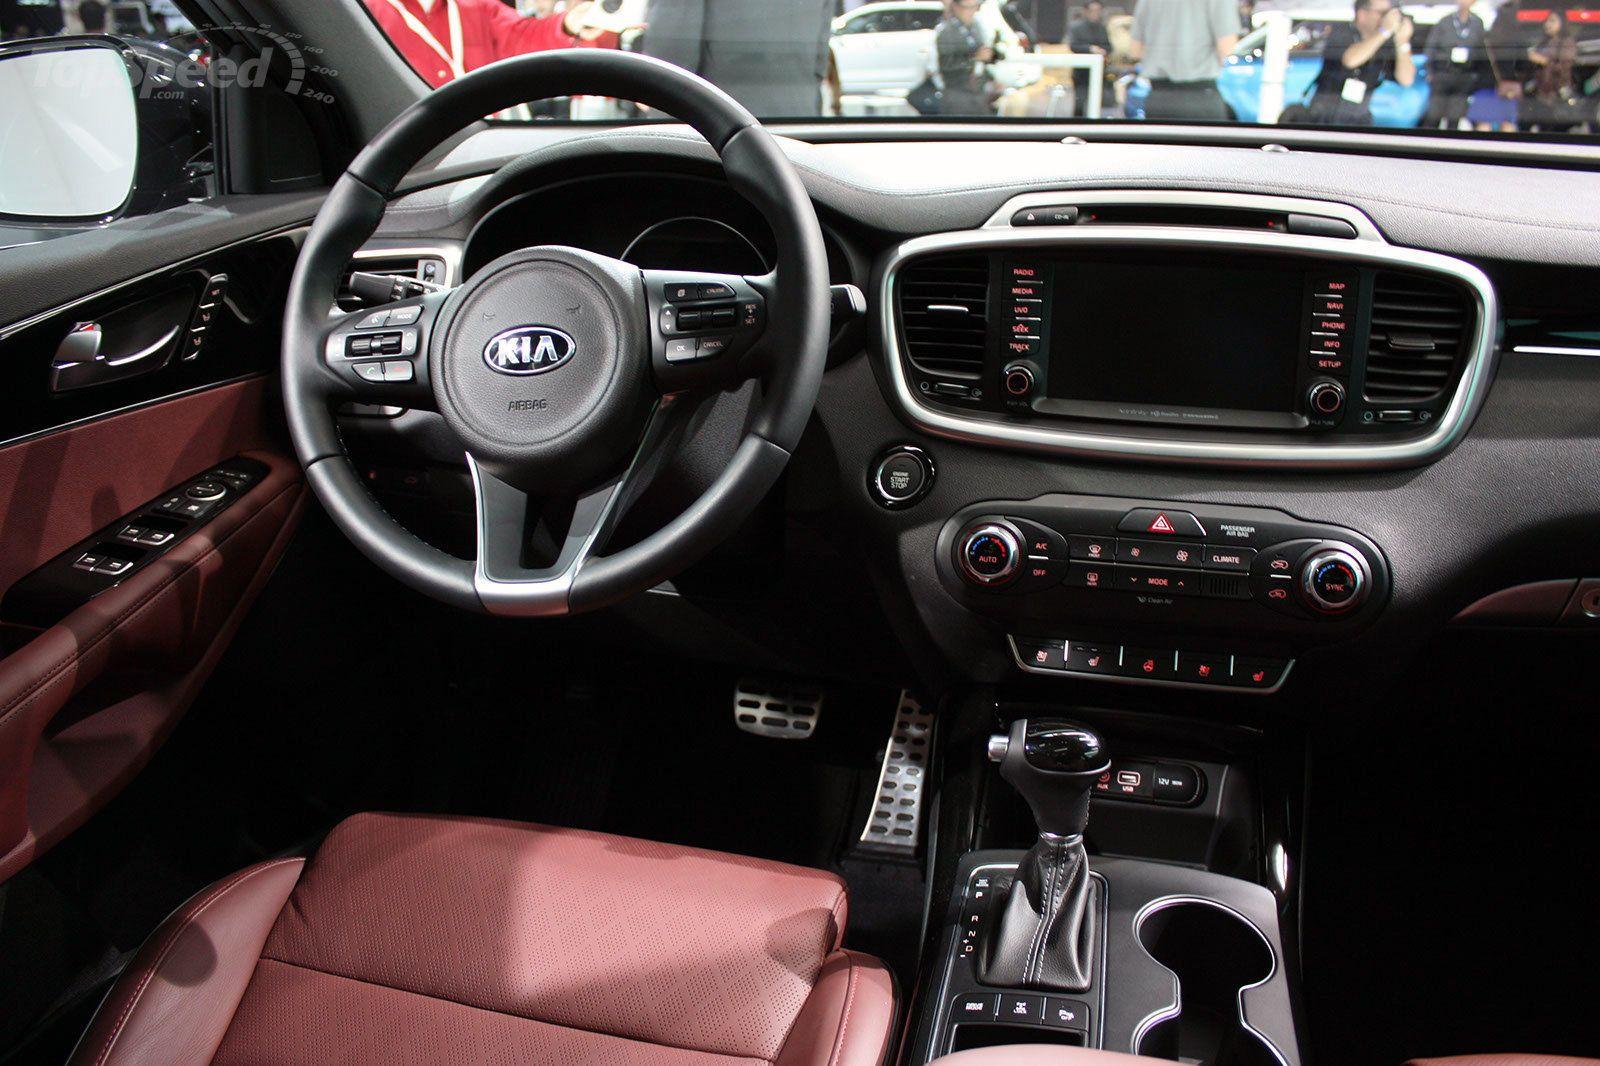 2016 Kia Soul Interior Google Search Kia Sorento Interior Kia Soul Kia